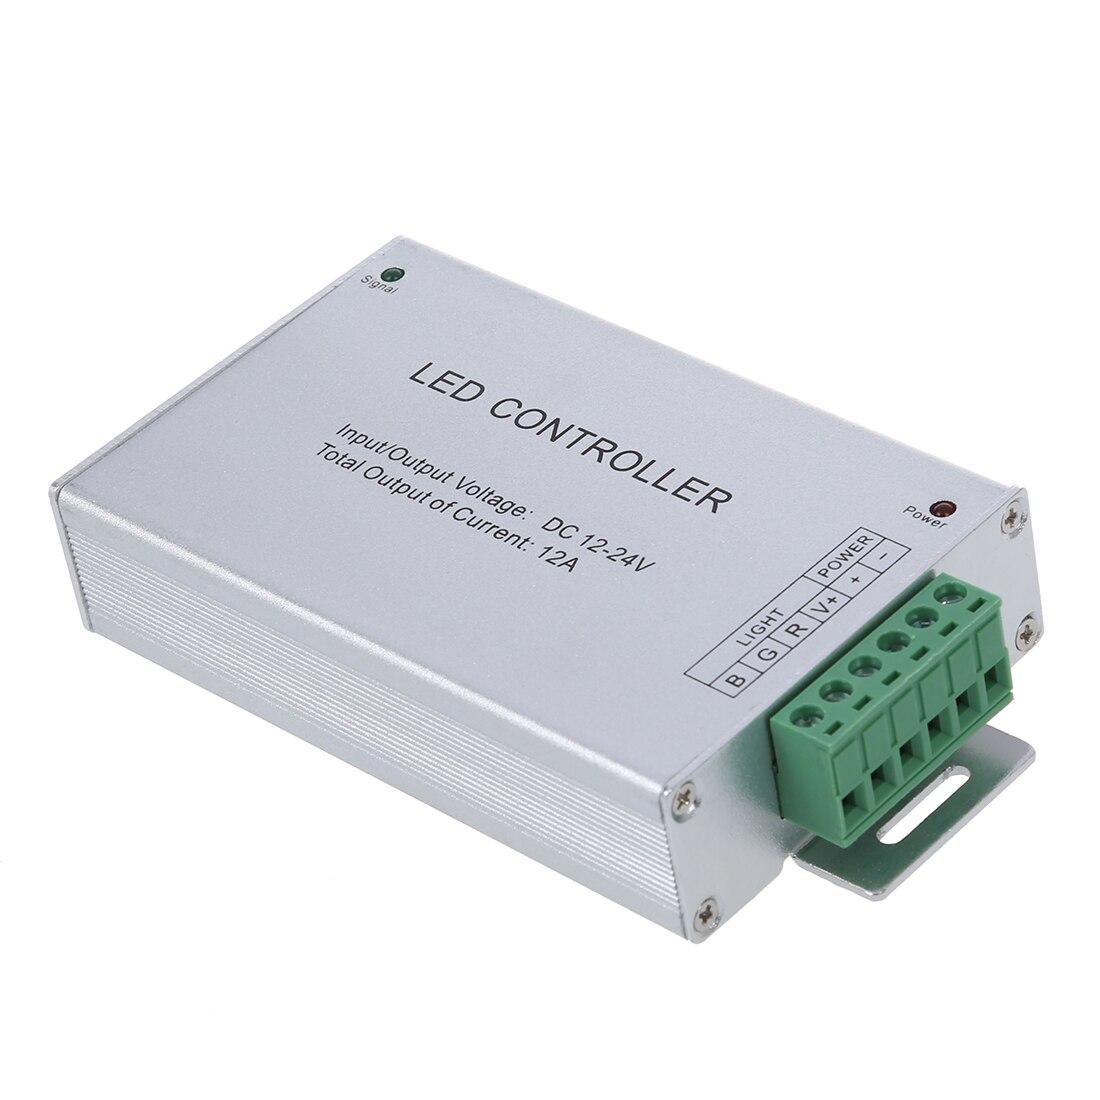 12-24V RGB LED Controller w/ 20 Key RF Remote